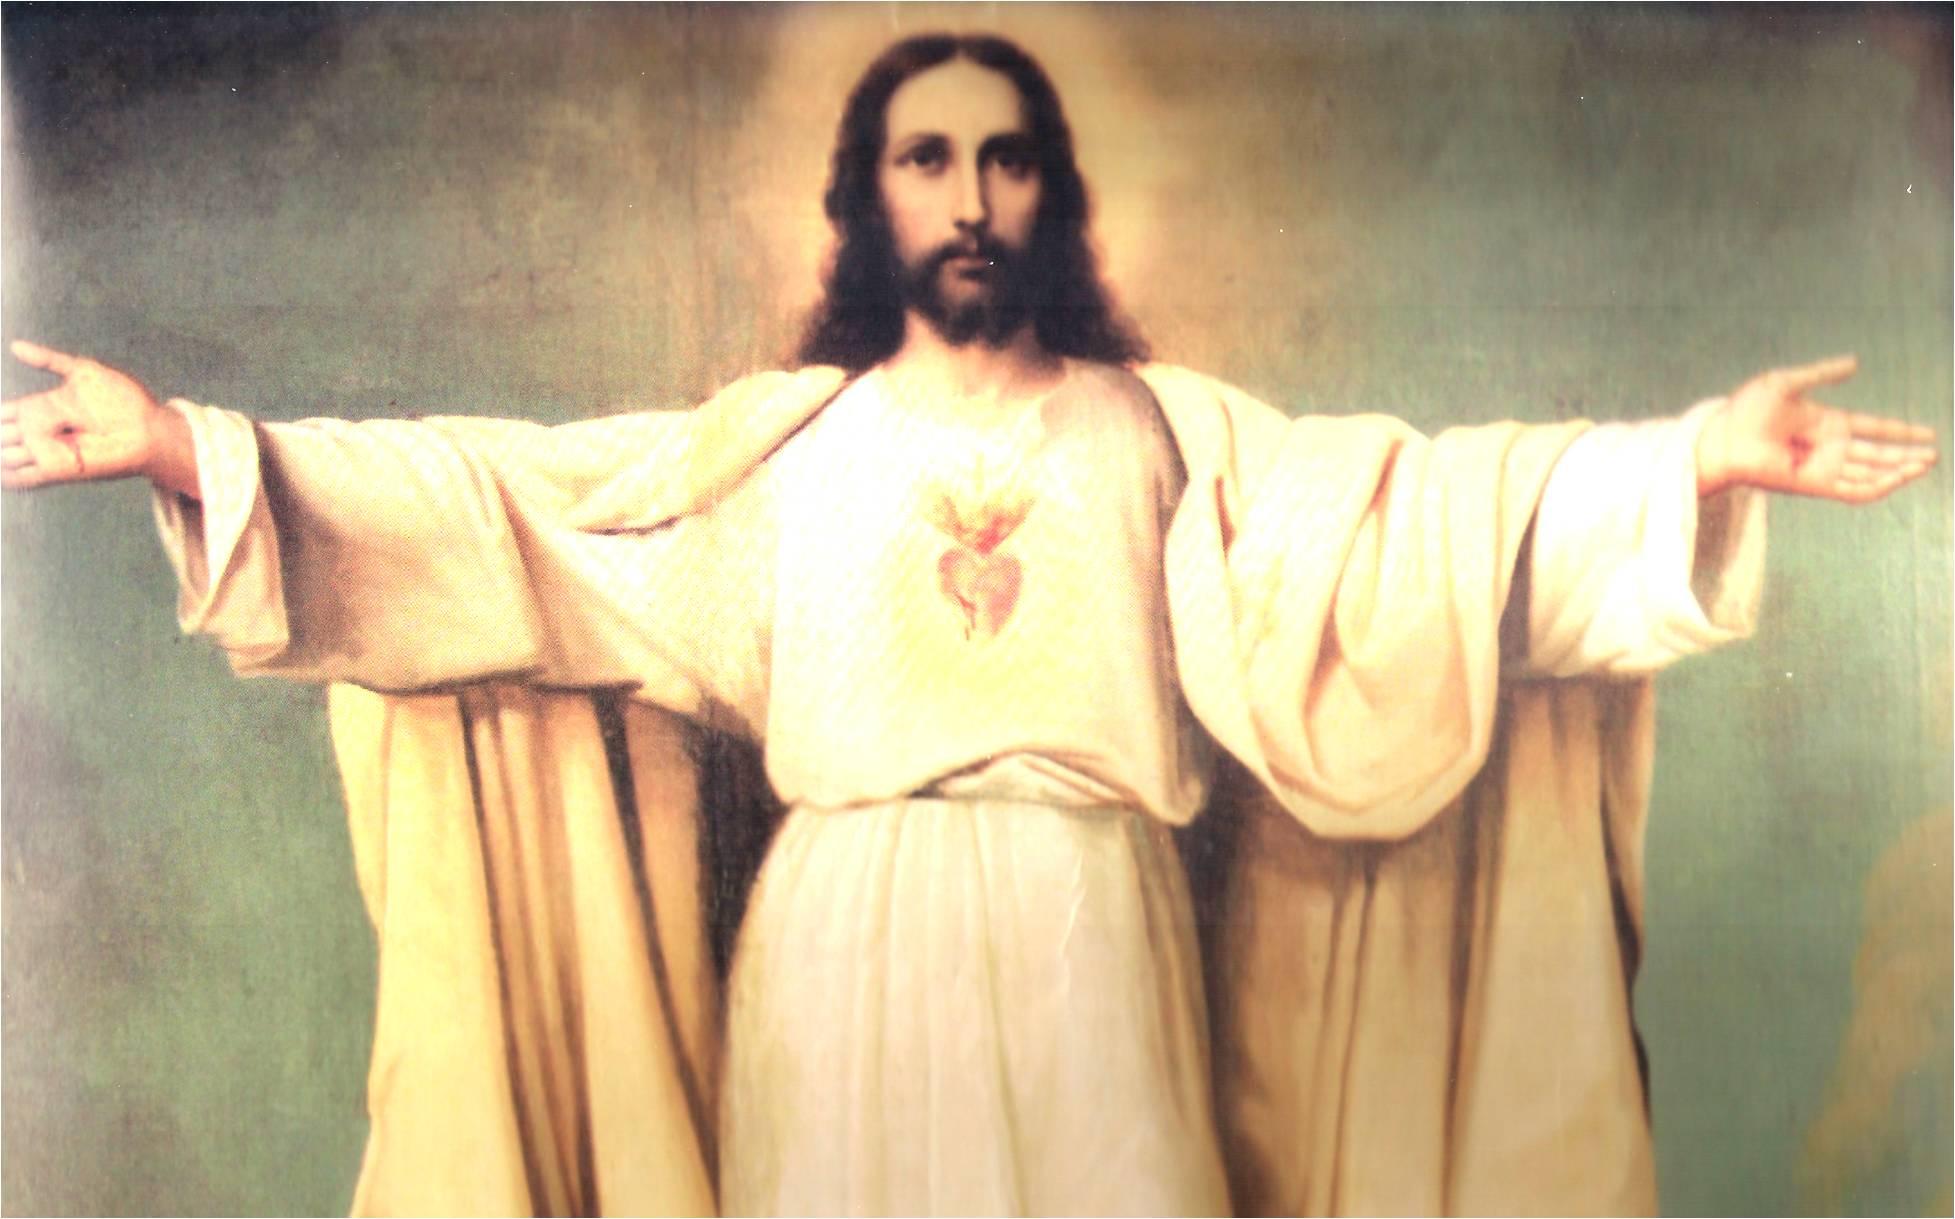 Prayer to be more like Jesus